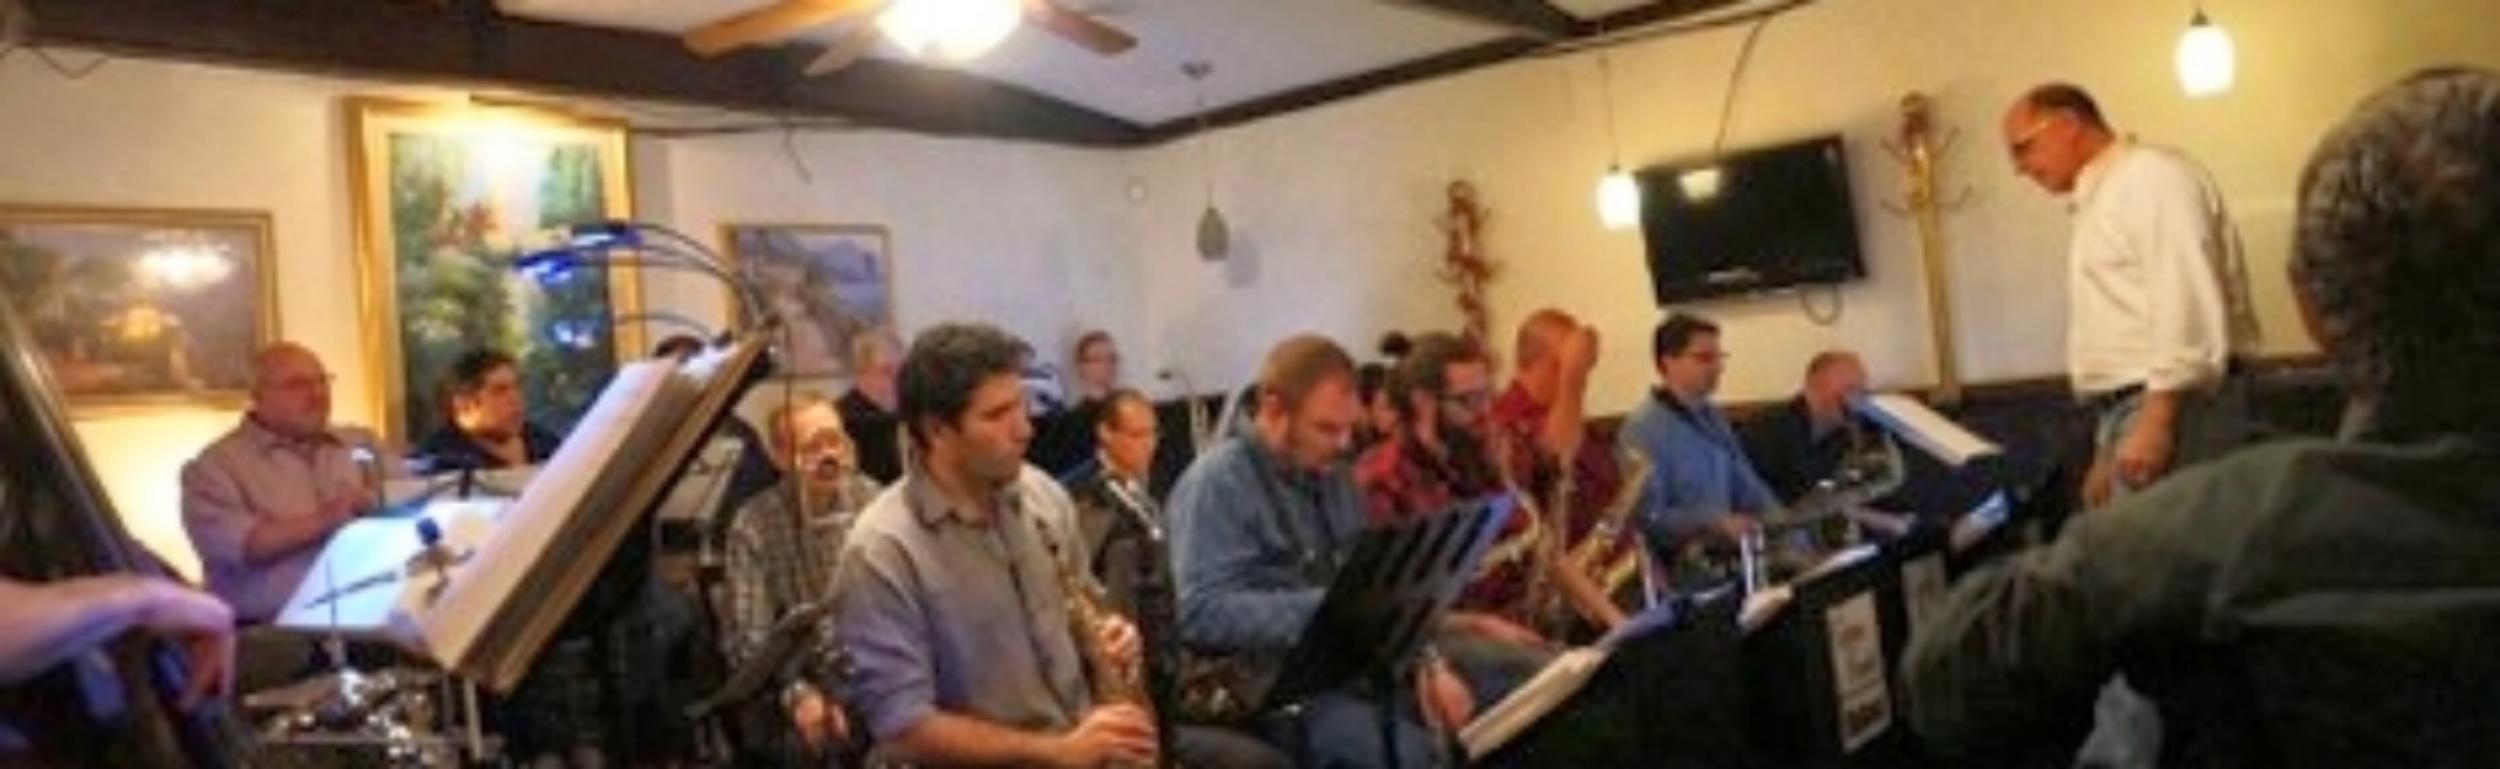 The Many Sides of Music - Glenn Franke: Musician, Big Band Arranger, Entertainer's Tax Man